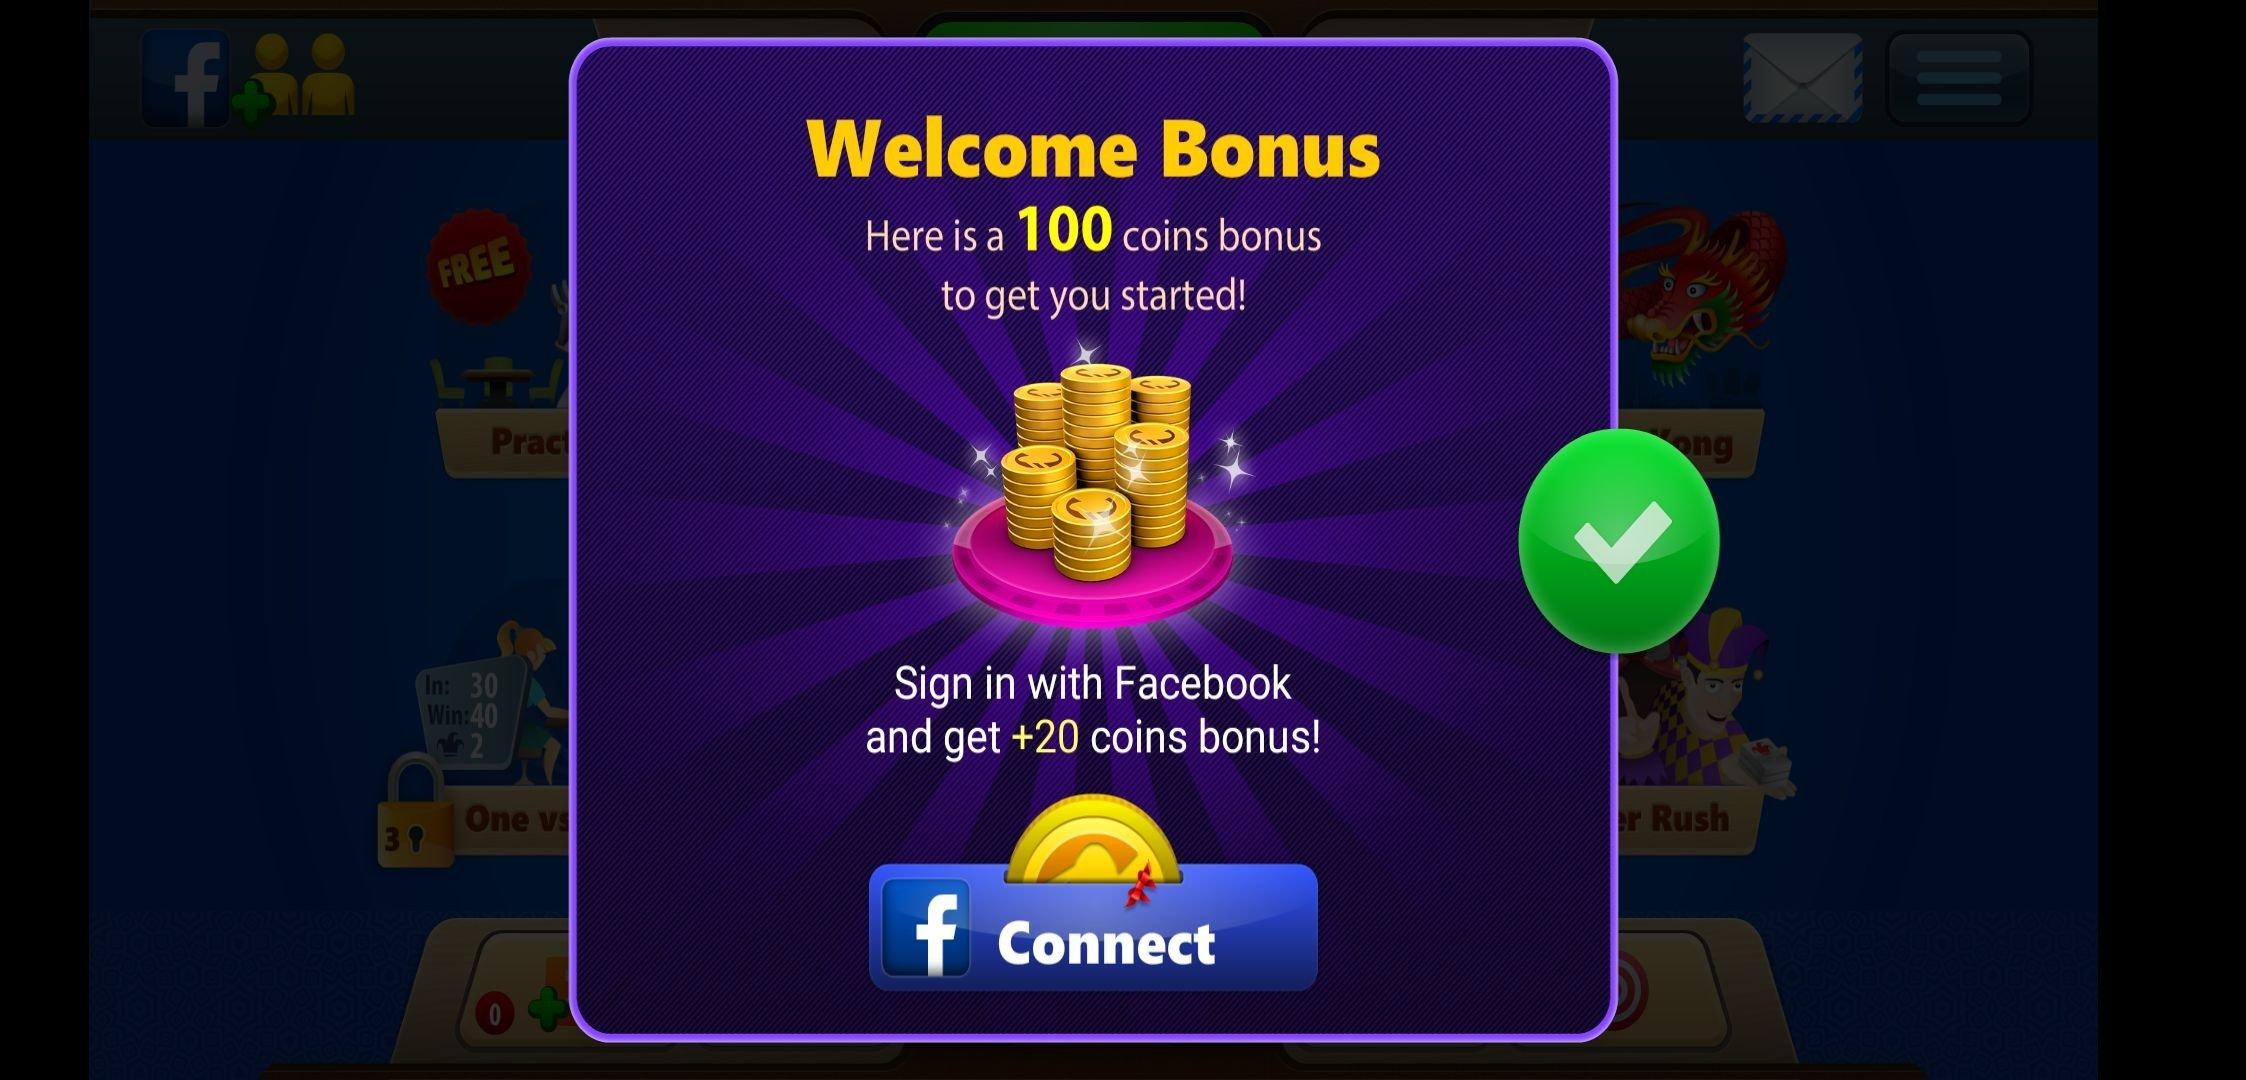 Игровые автоматы играть бесплатно queen of hearts